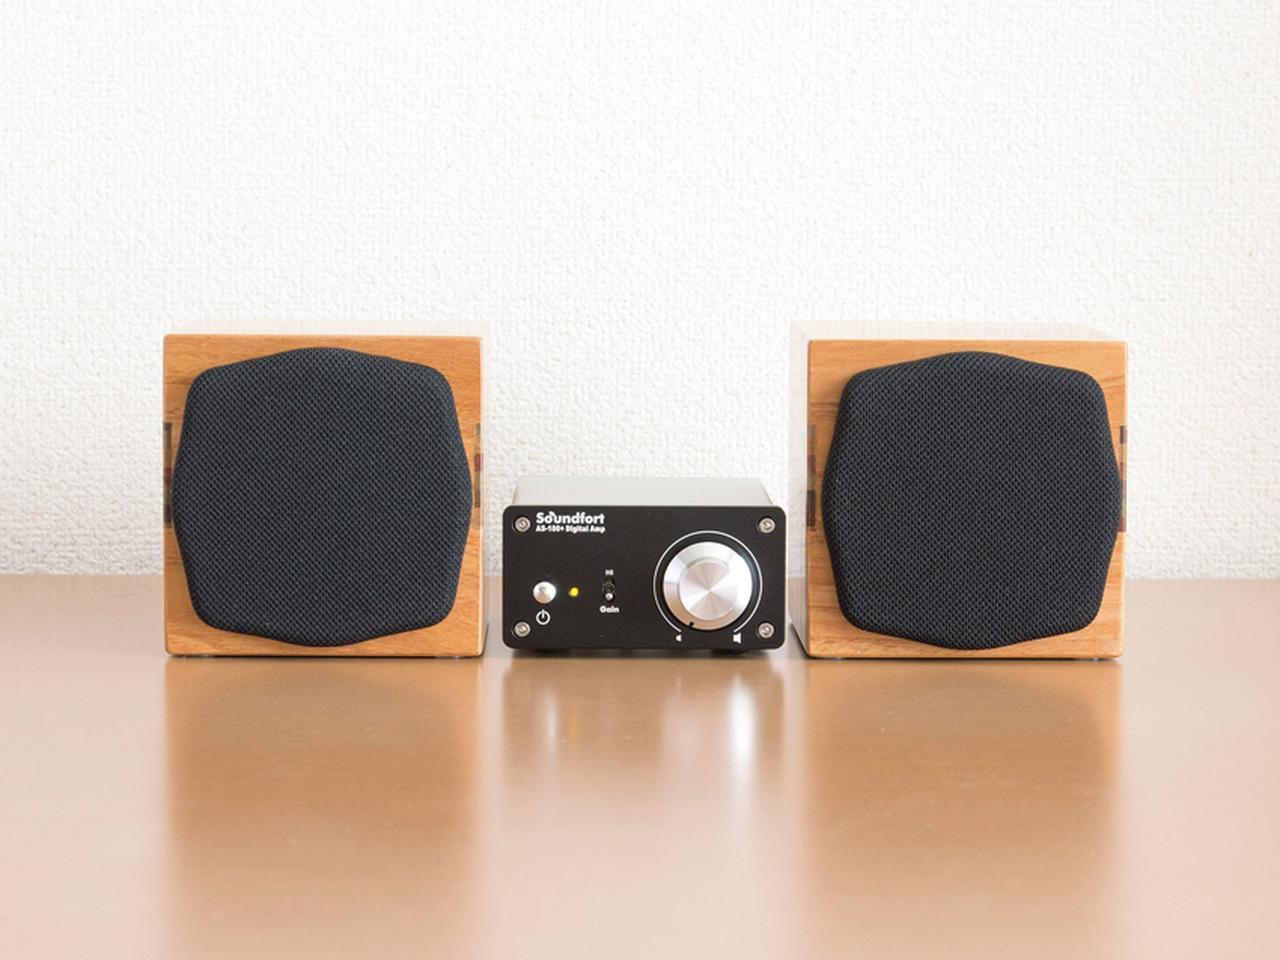 画像2: Soundfort SP-H200 Limited